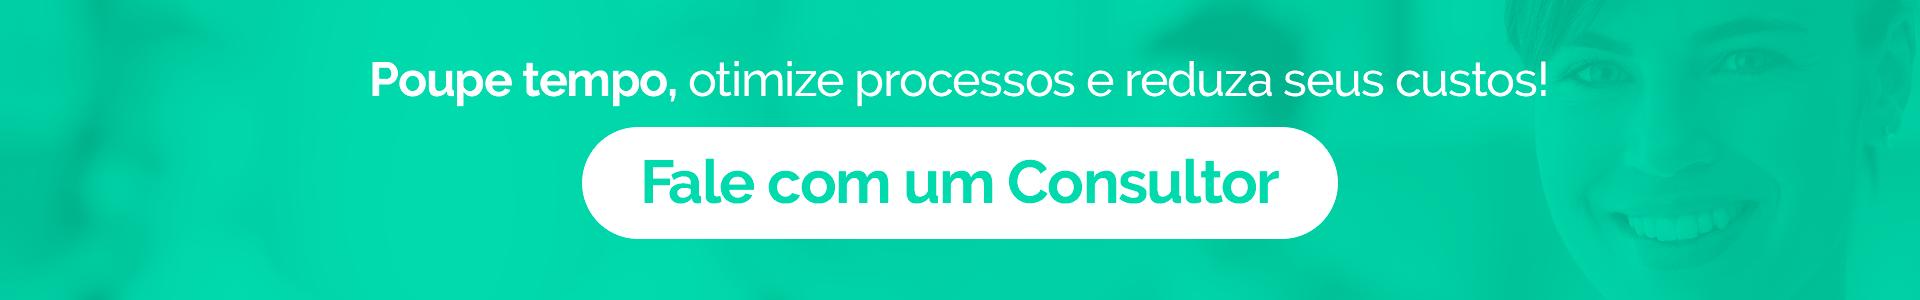 https://materiais.maislaudo.com.br/fale-com-um-consultor?utm_source=CTABlog